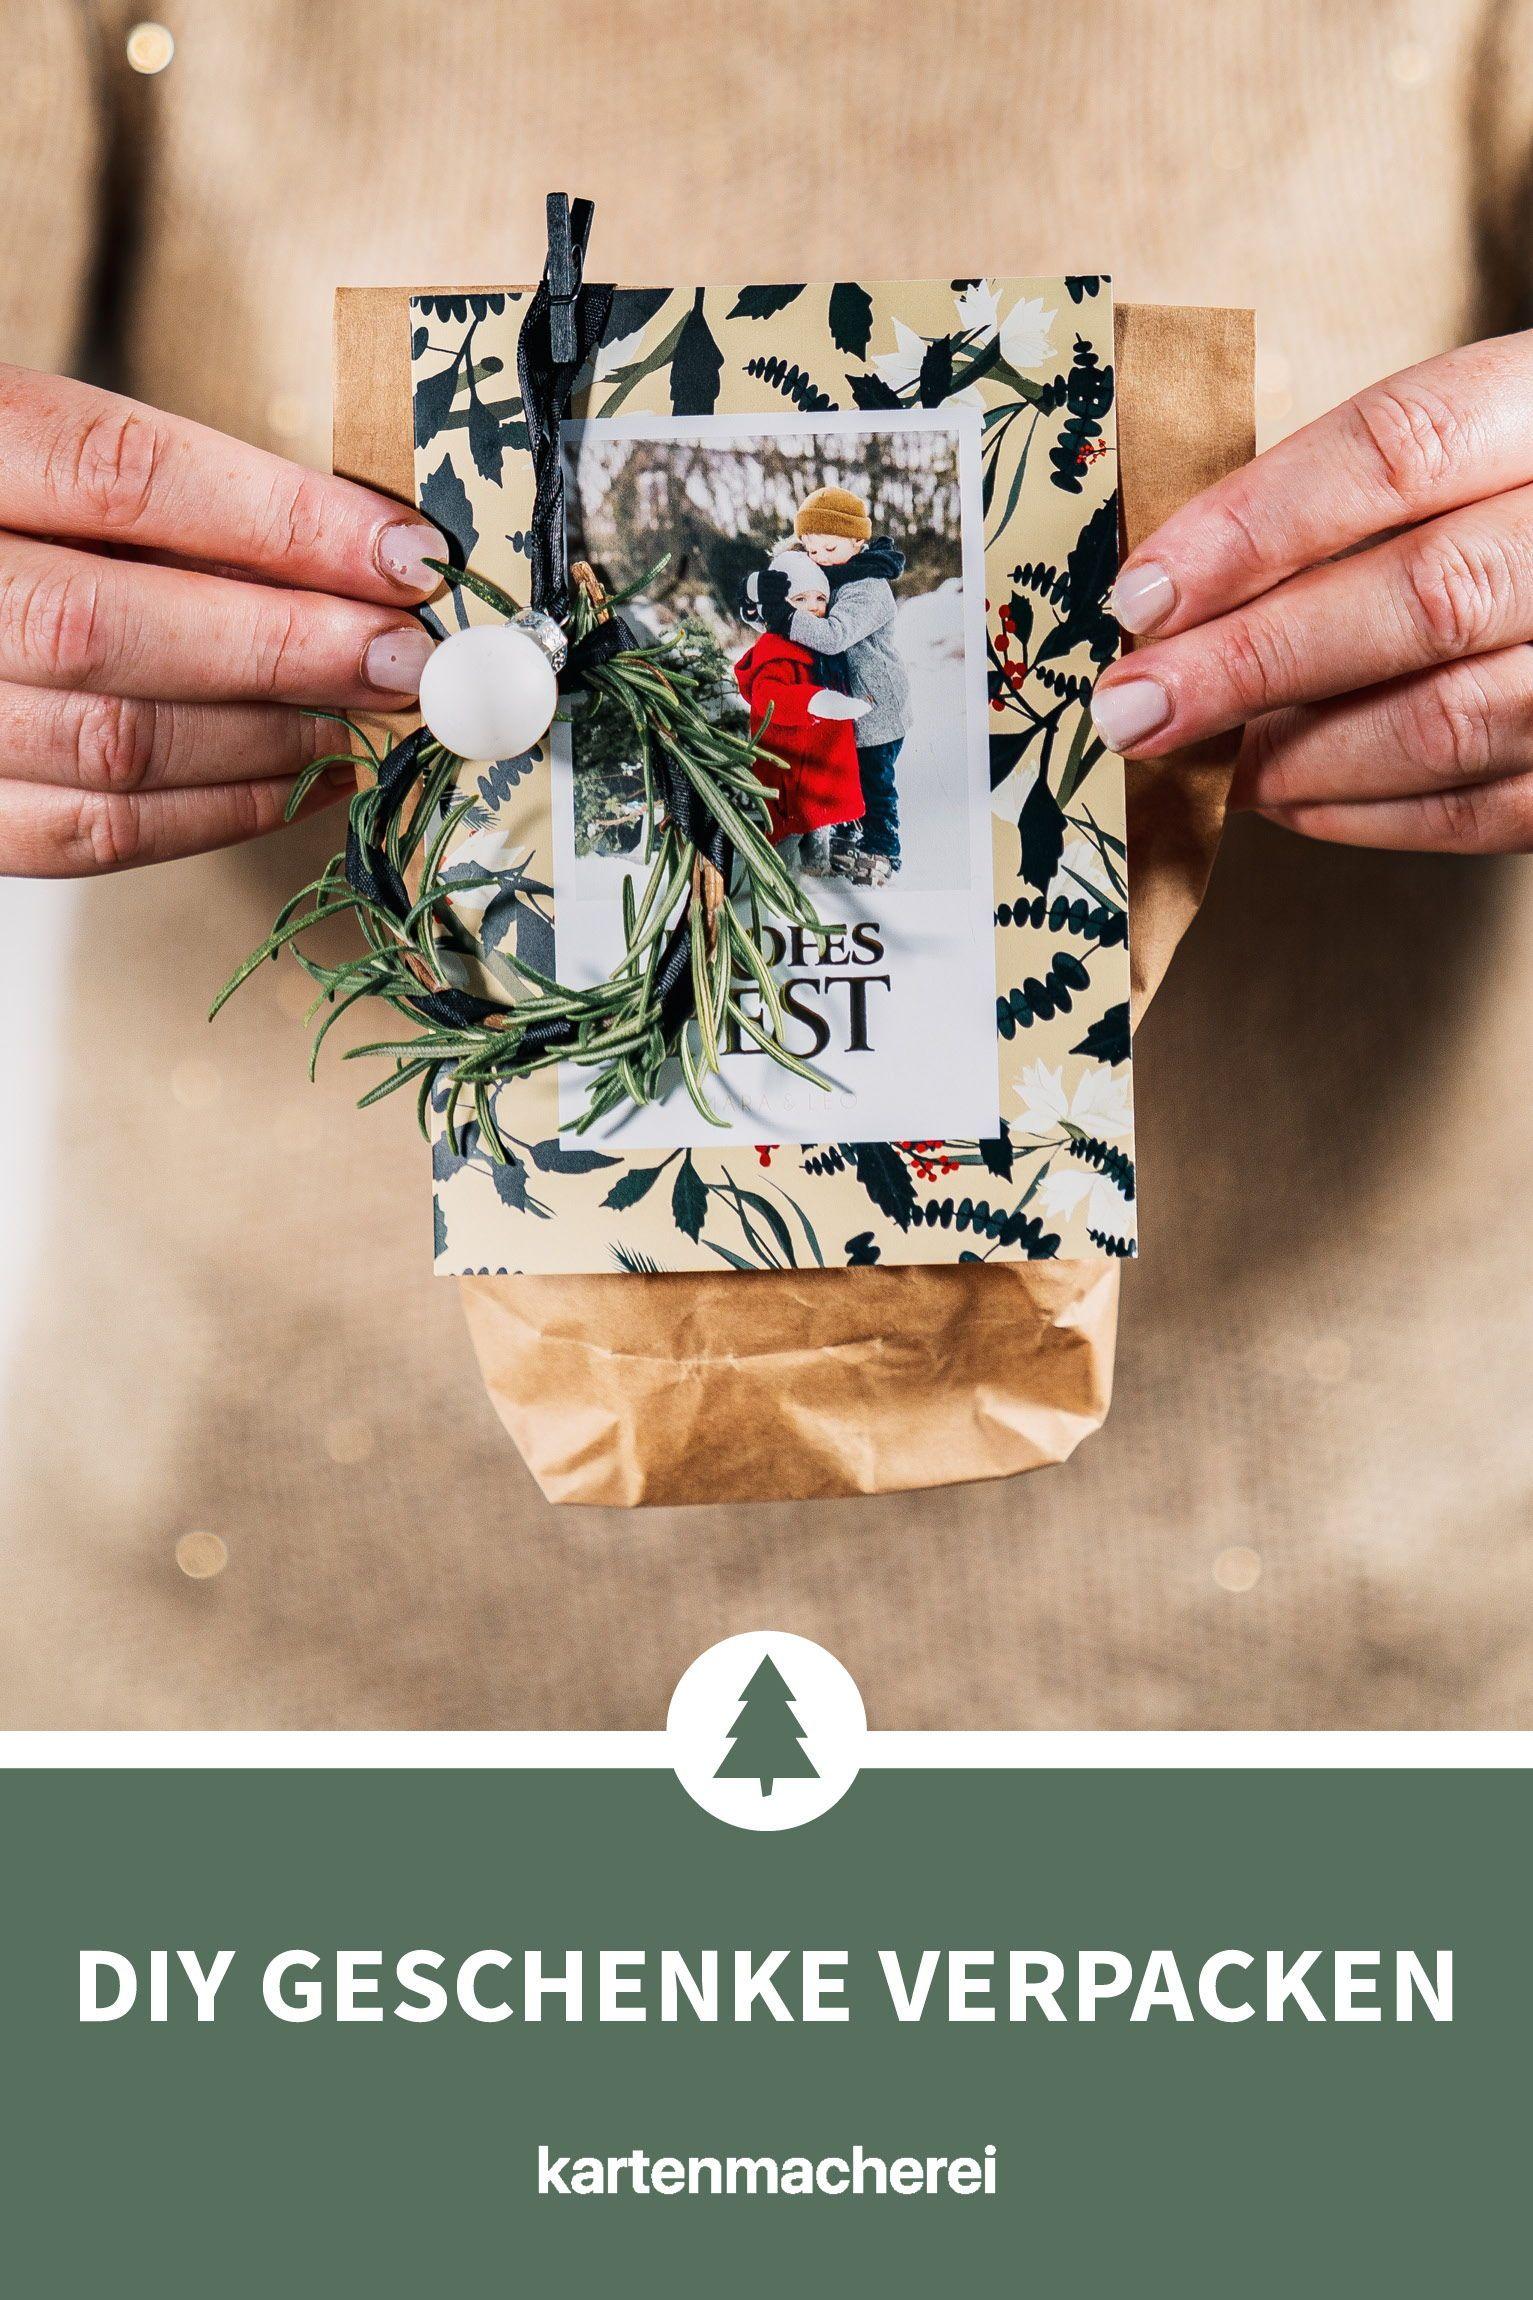 Greenery Dekoration Fur Eure Weihnachtskarte Geschenke Weihnachten Geschenke Verpacken Weihnachten Selbstgemachte Geschenke Zu Weihnachten